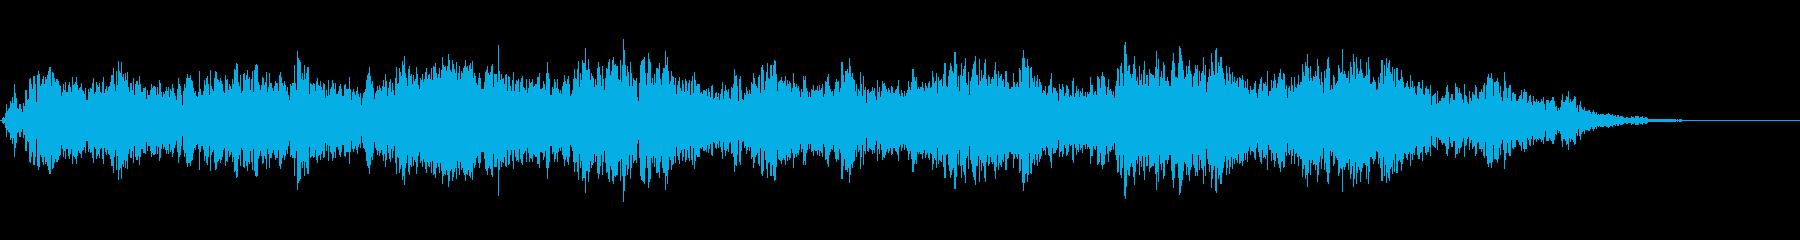 背景音 水中の再生済みの波形